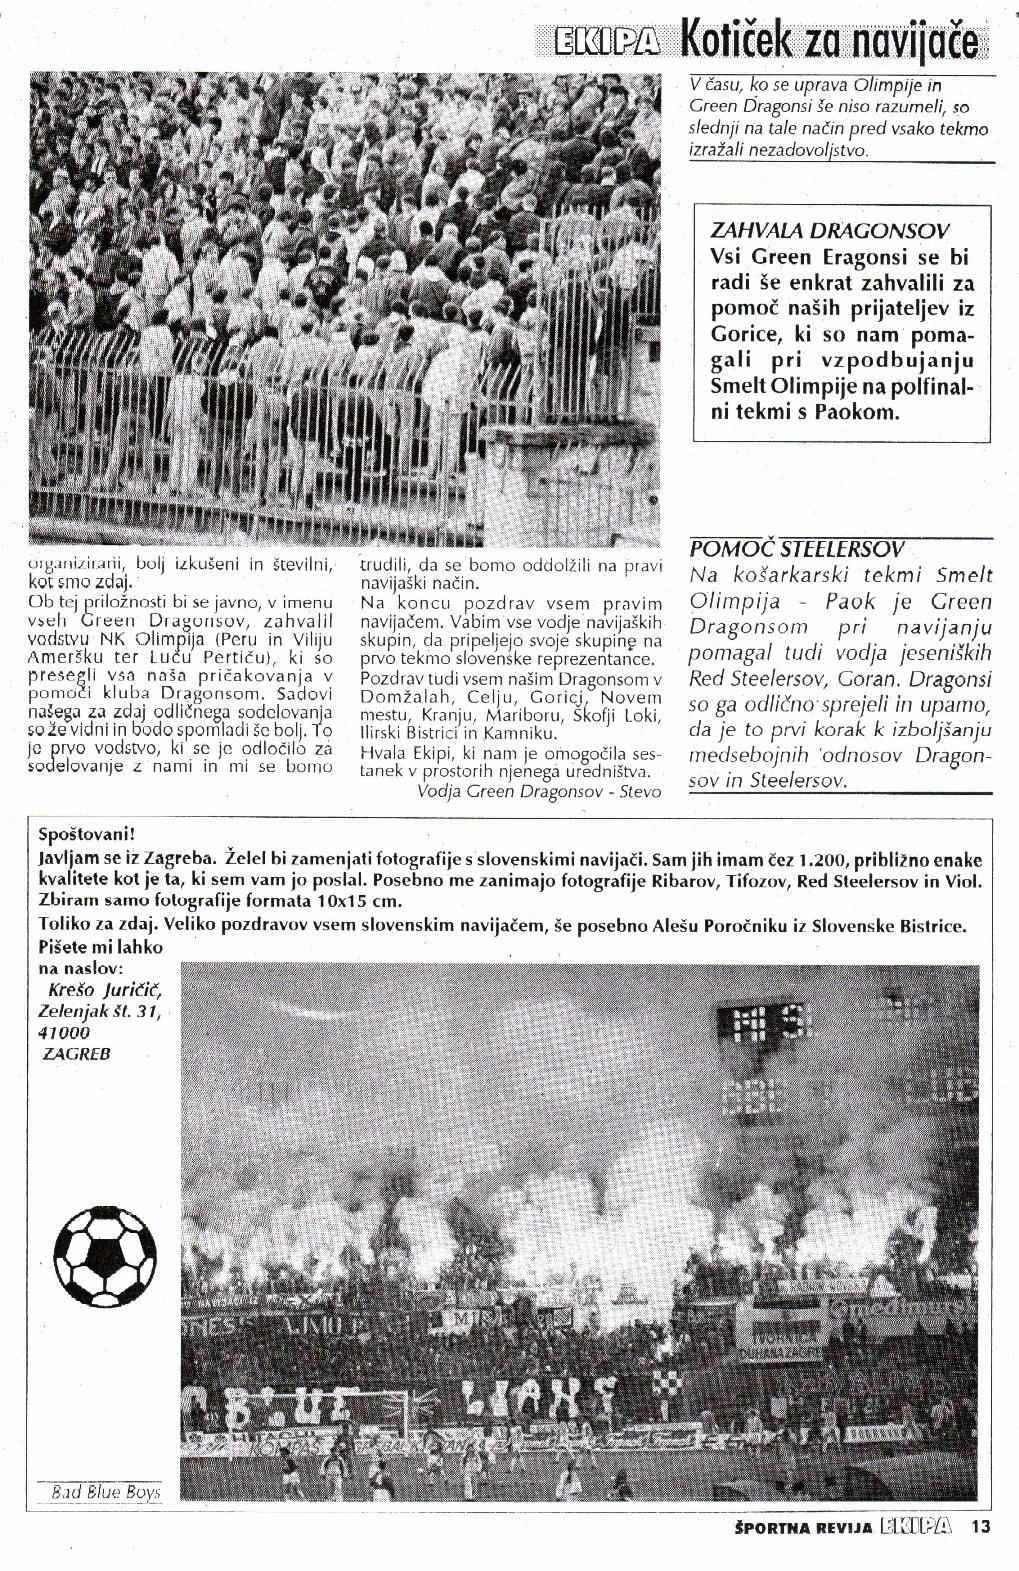 KZN12-4_25_2_1992